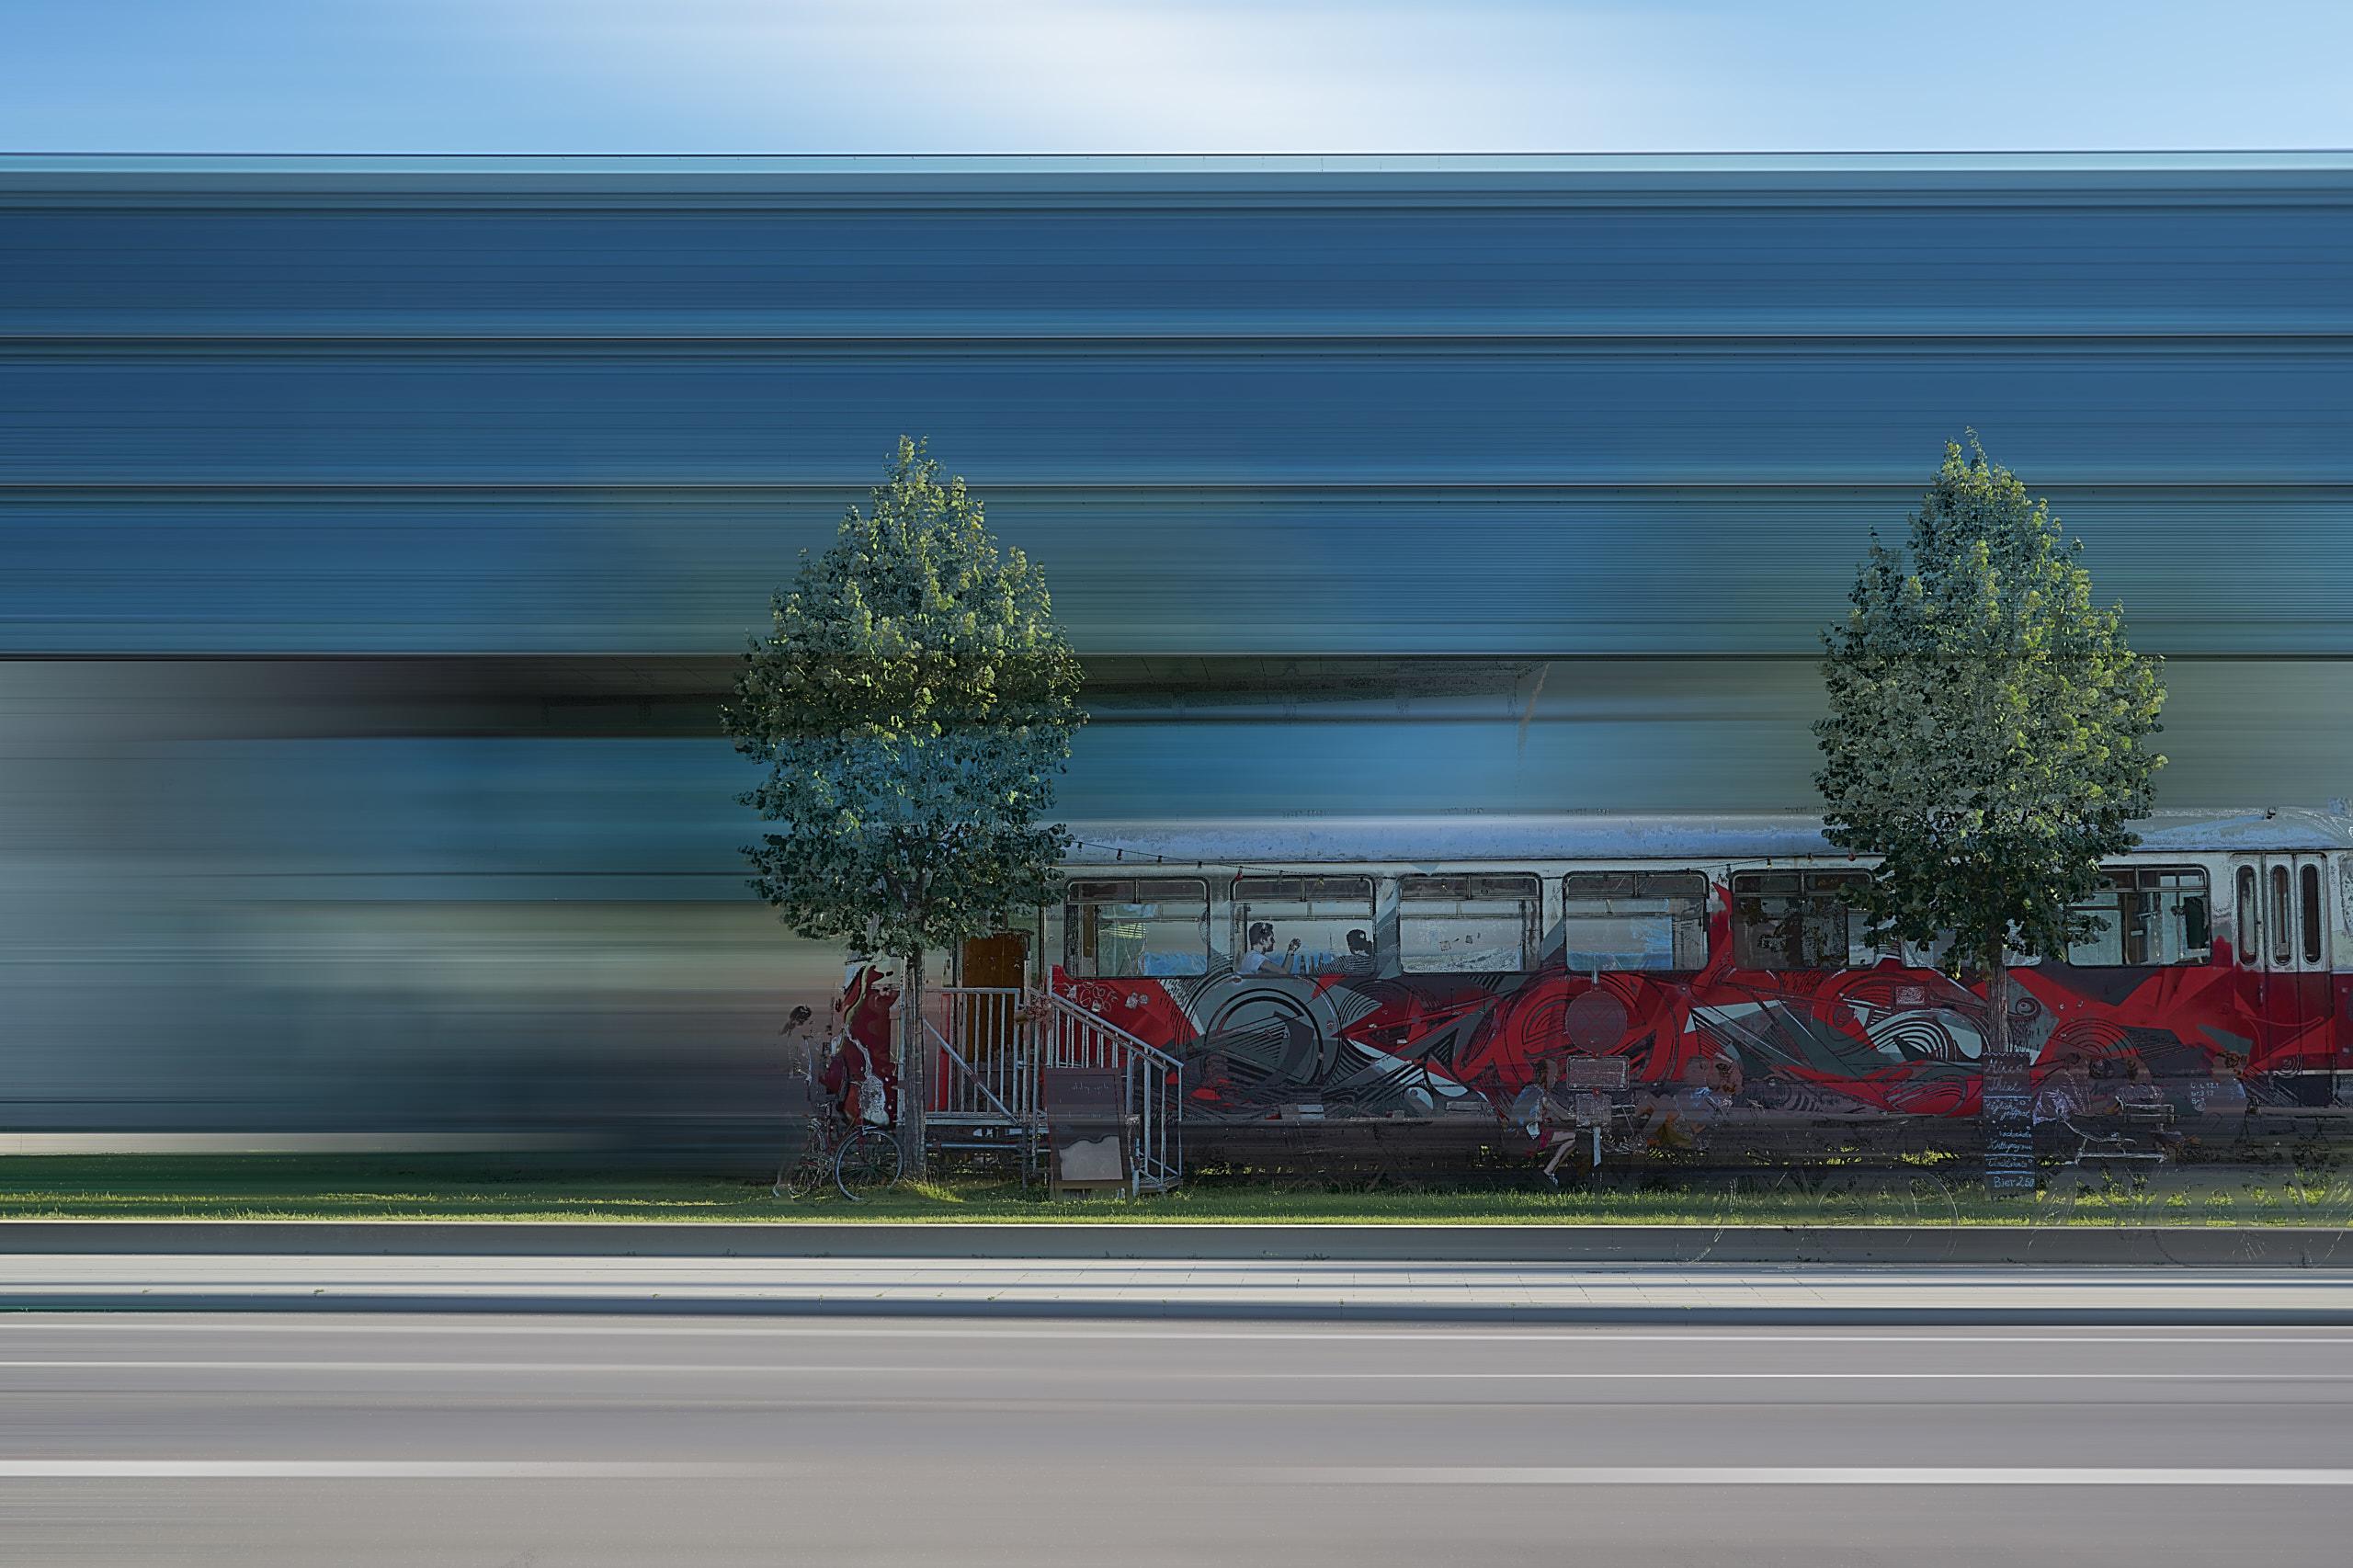 CitySape Munich, Minna Thiel, © 2018 Helge Hasenau